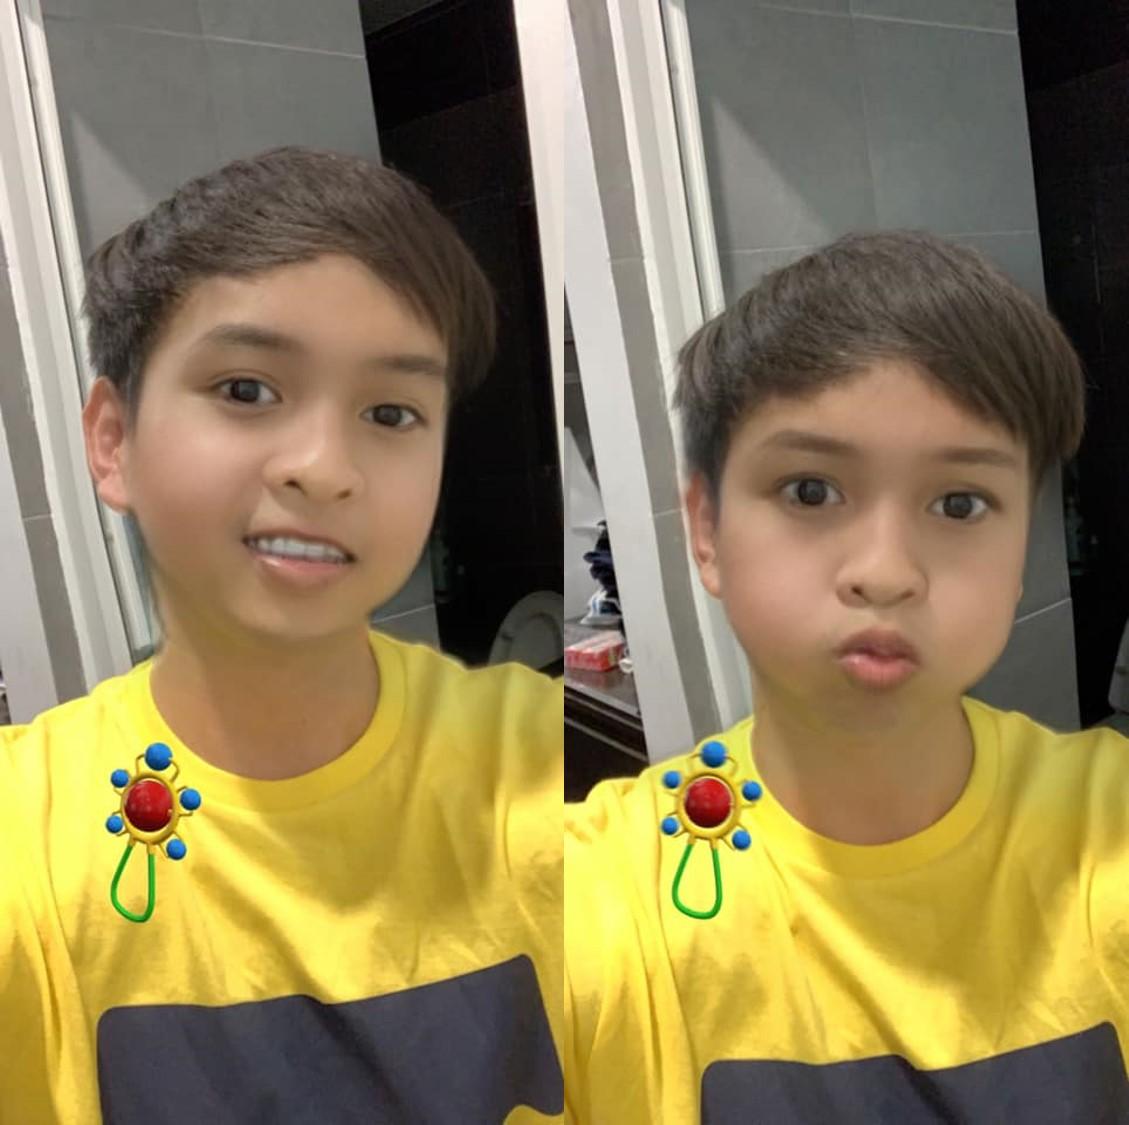 Bảo Anh, Bích Phương đăng ảnh chân dung bạn trai và sự thật bất ngờ - 3